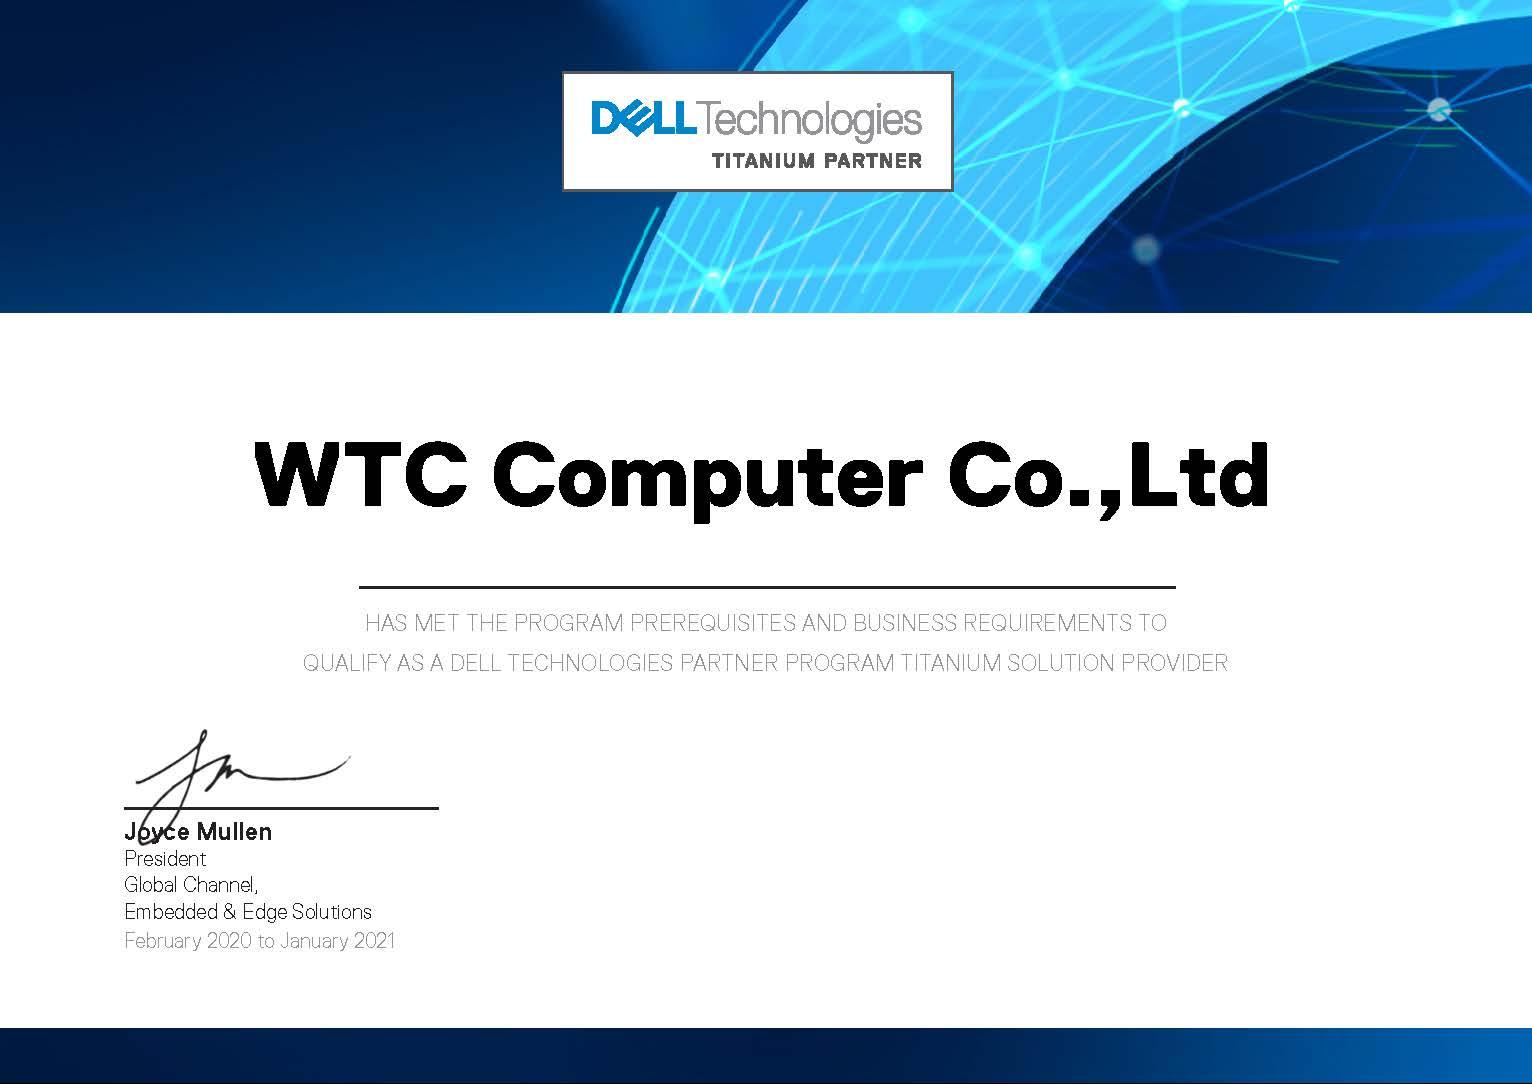 WTC-DellPartner